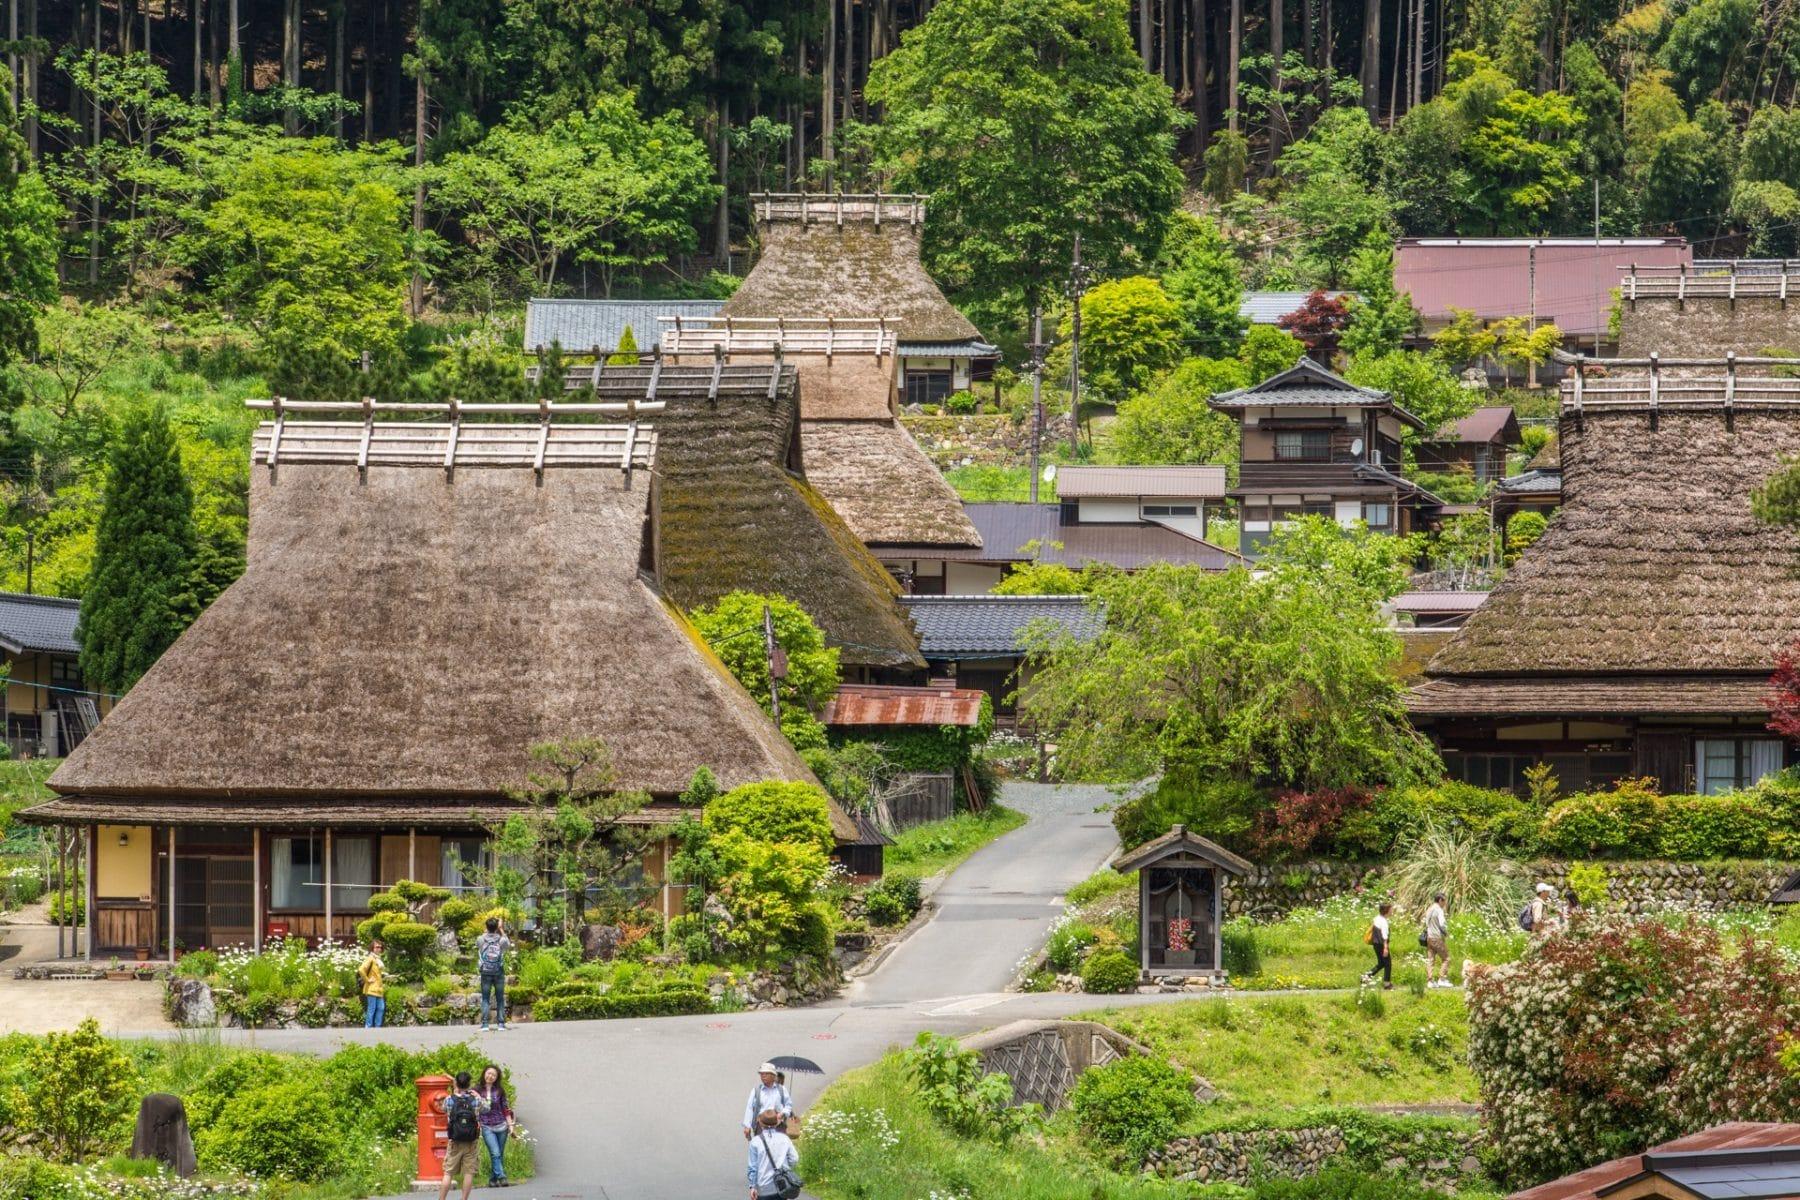 Как японская деревушка за считанные секунды превращается в идеальный фонтан для пожаротушения